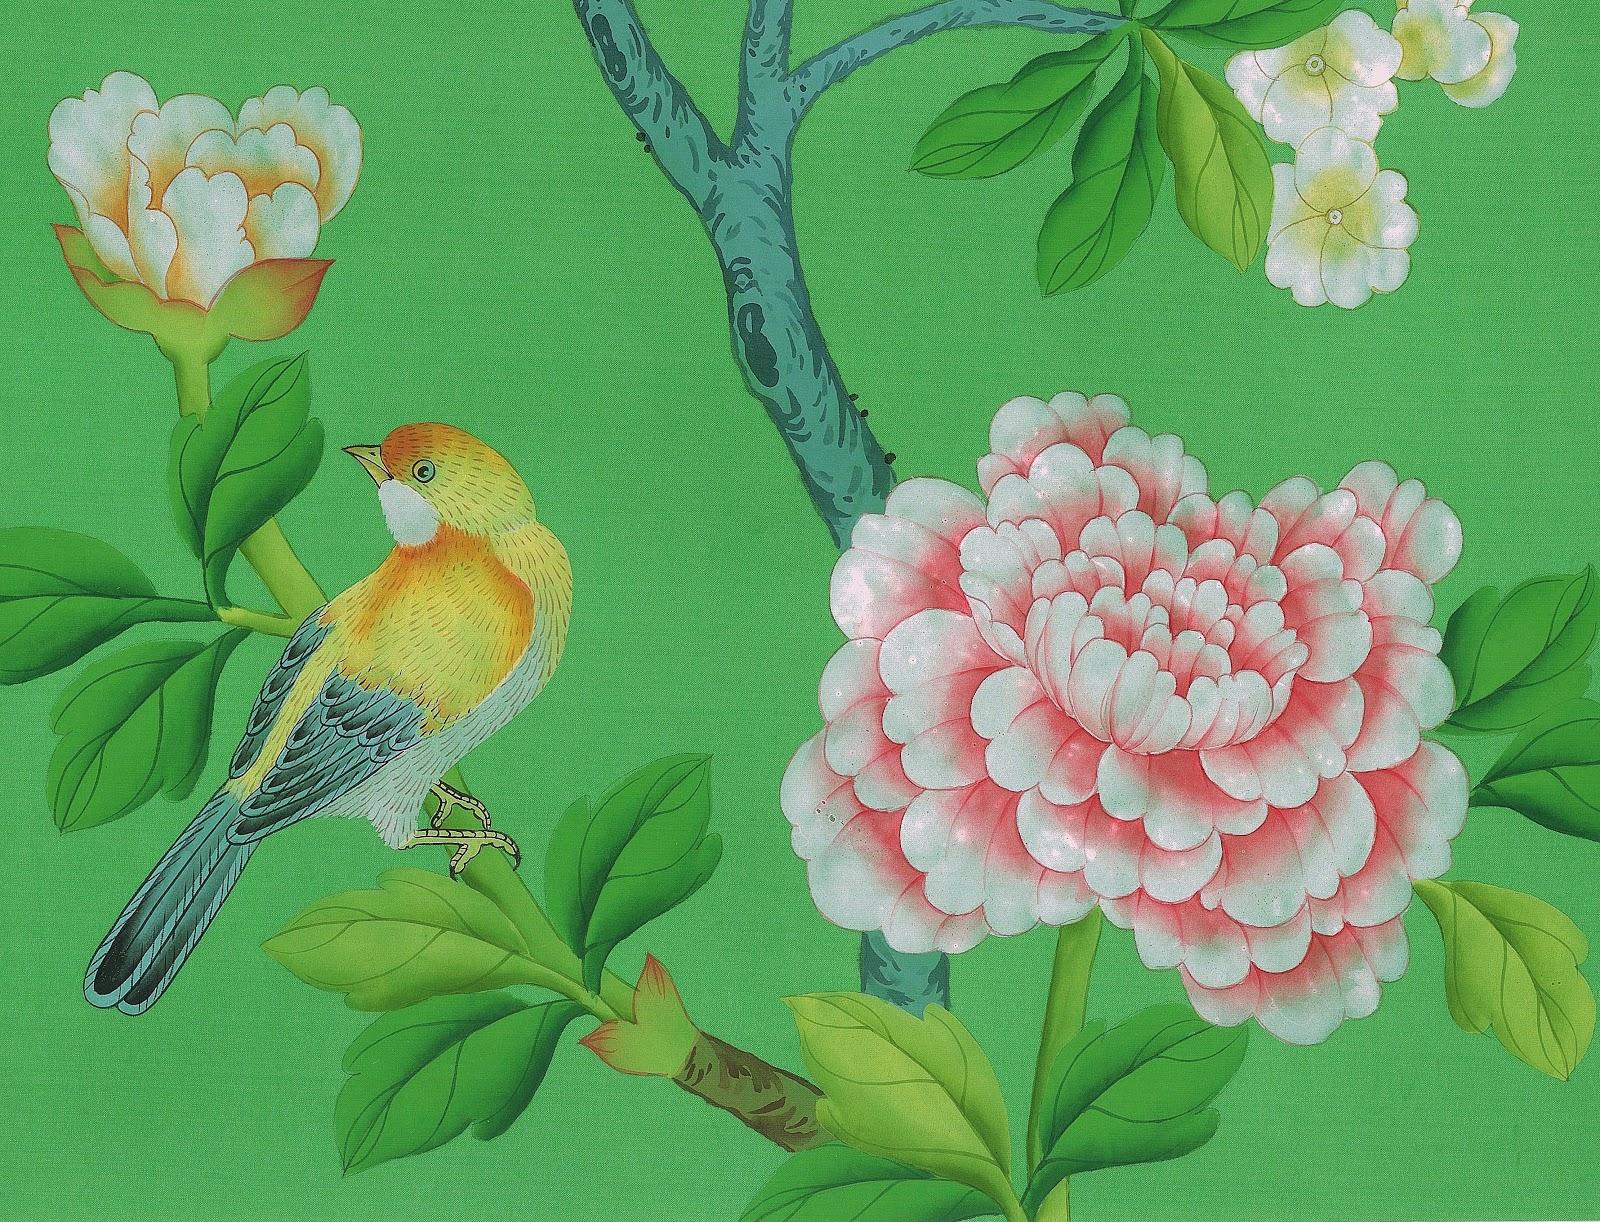 http://2.bp.blogspot.com/-VGiAEkfB500/UKGoXnomm_I/AAAAAAAA20g/oUnkwD6--GA/s1600/2.+Griffin+and+Wong+chinese+hand+painted+silk+wallpaper+2.jpg